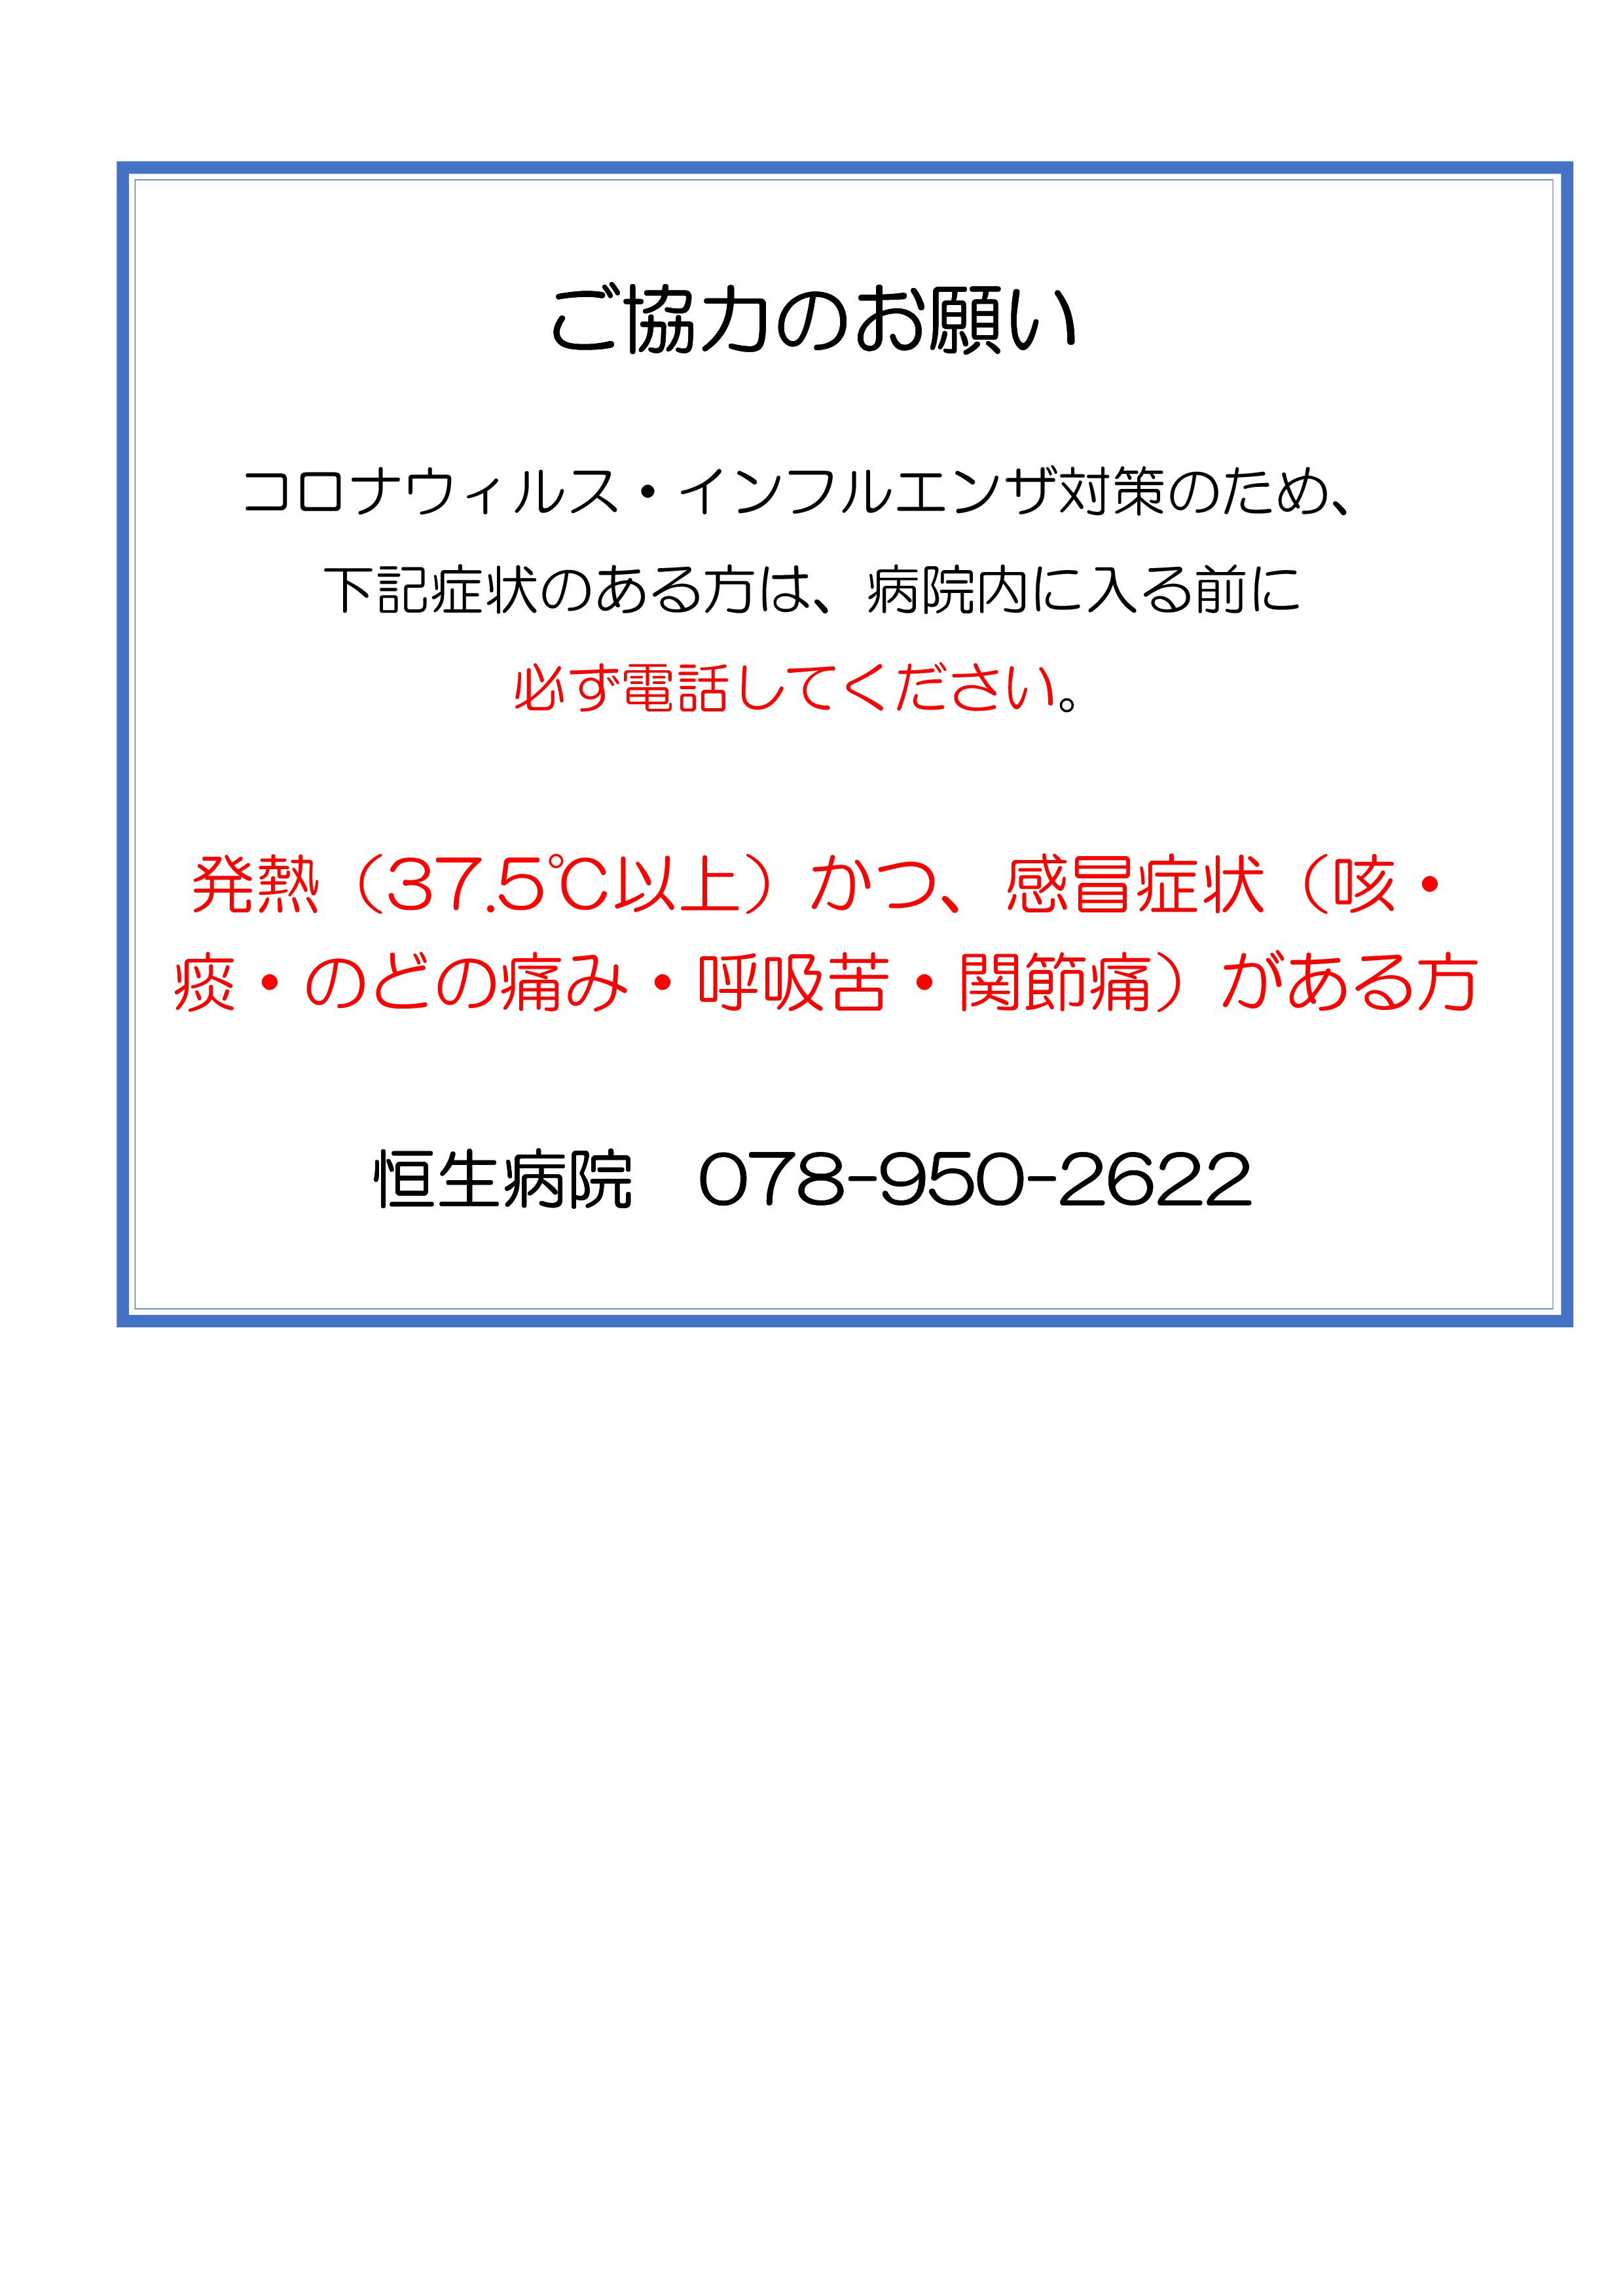 Microsoft Word - ご協力のお願い.jpg